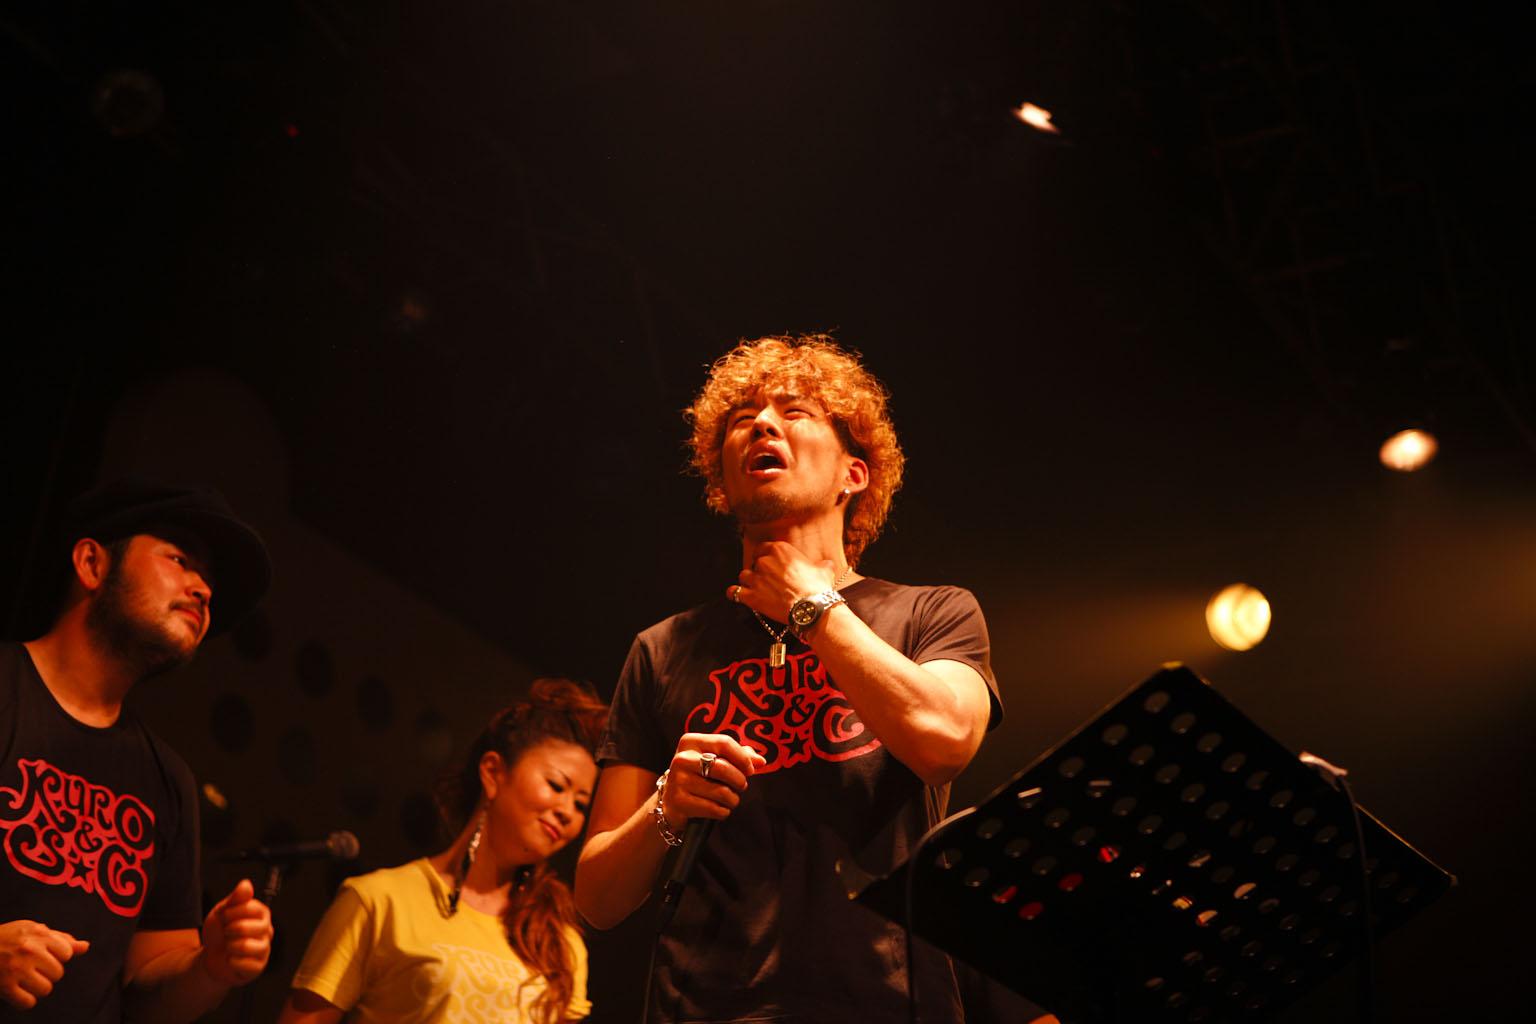 音を奏でる写真たち<KURO&S★G 東京編> part8_f0182998_11462846.jpg